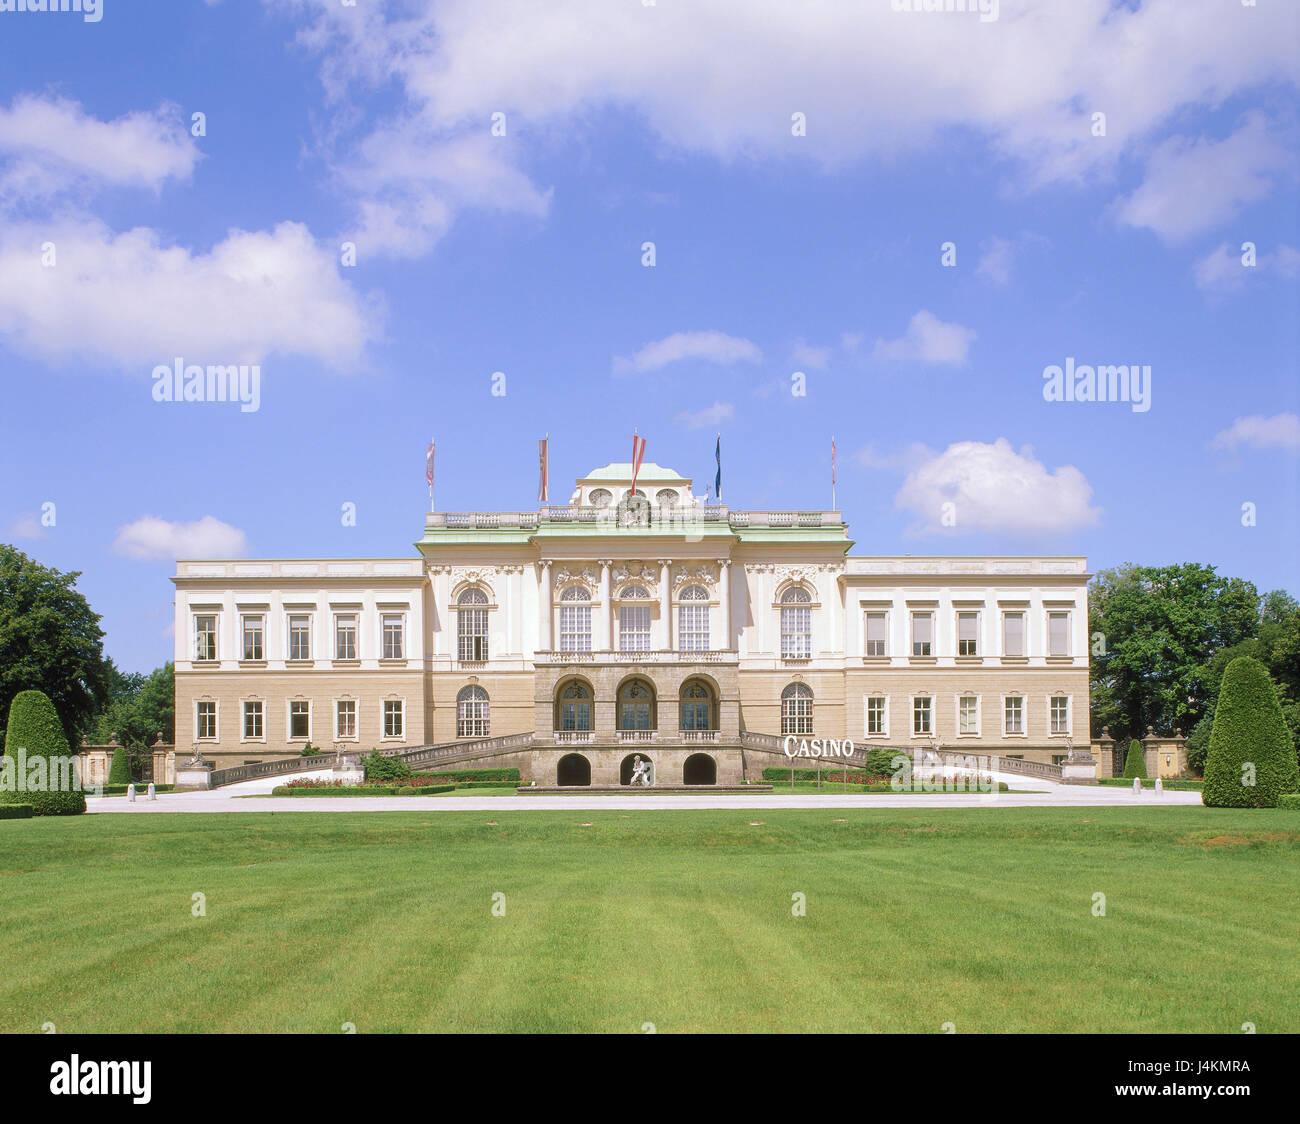 Osterreich Salzburg Sperren Nach Hause Kless Casino Europa